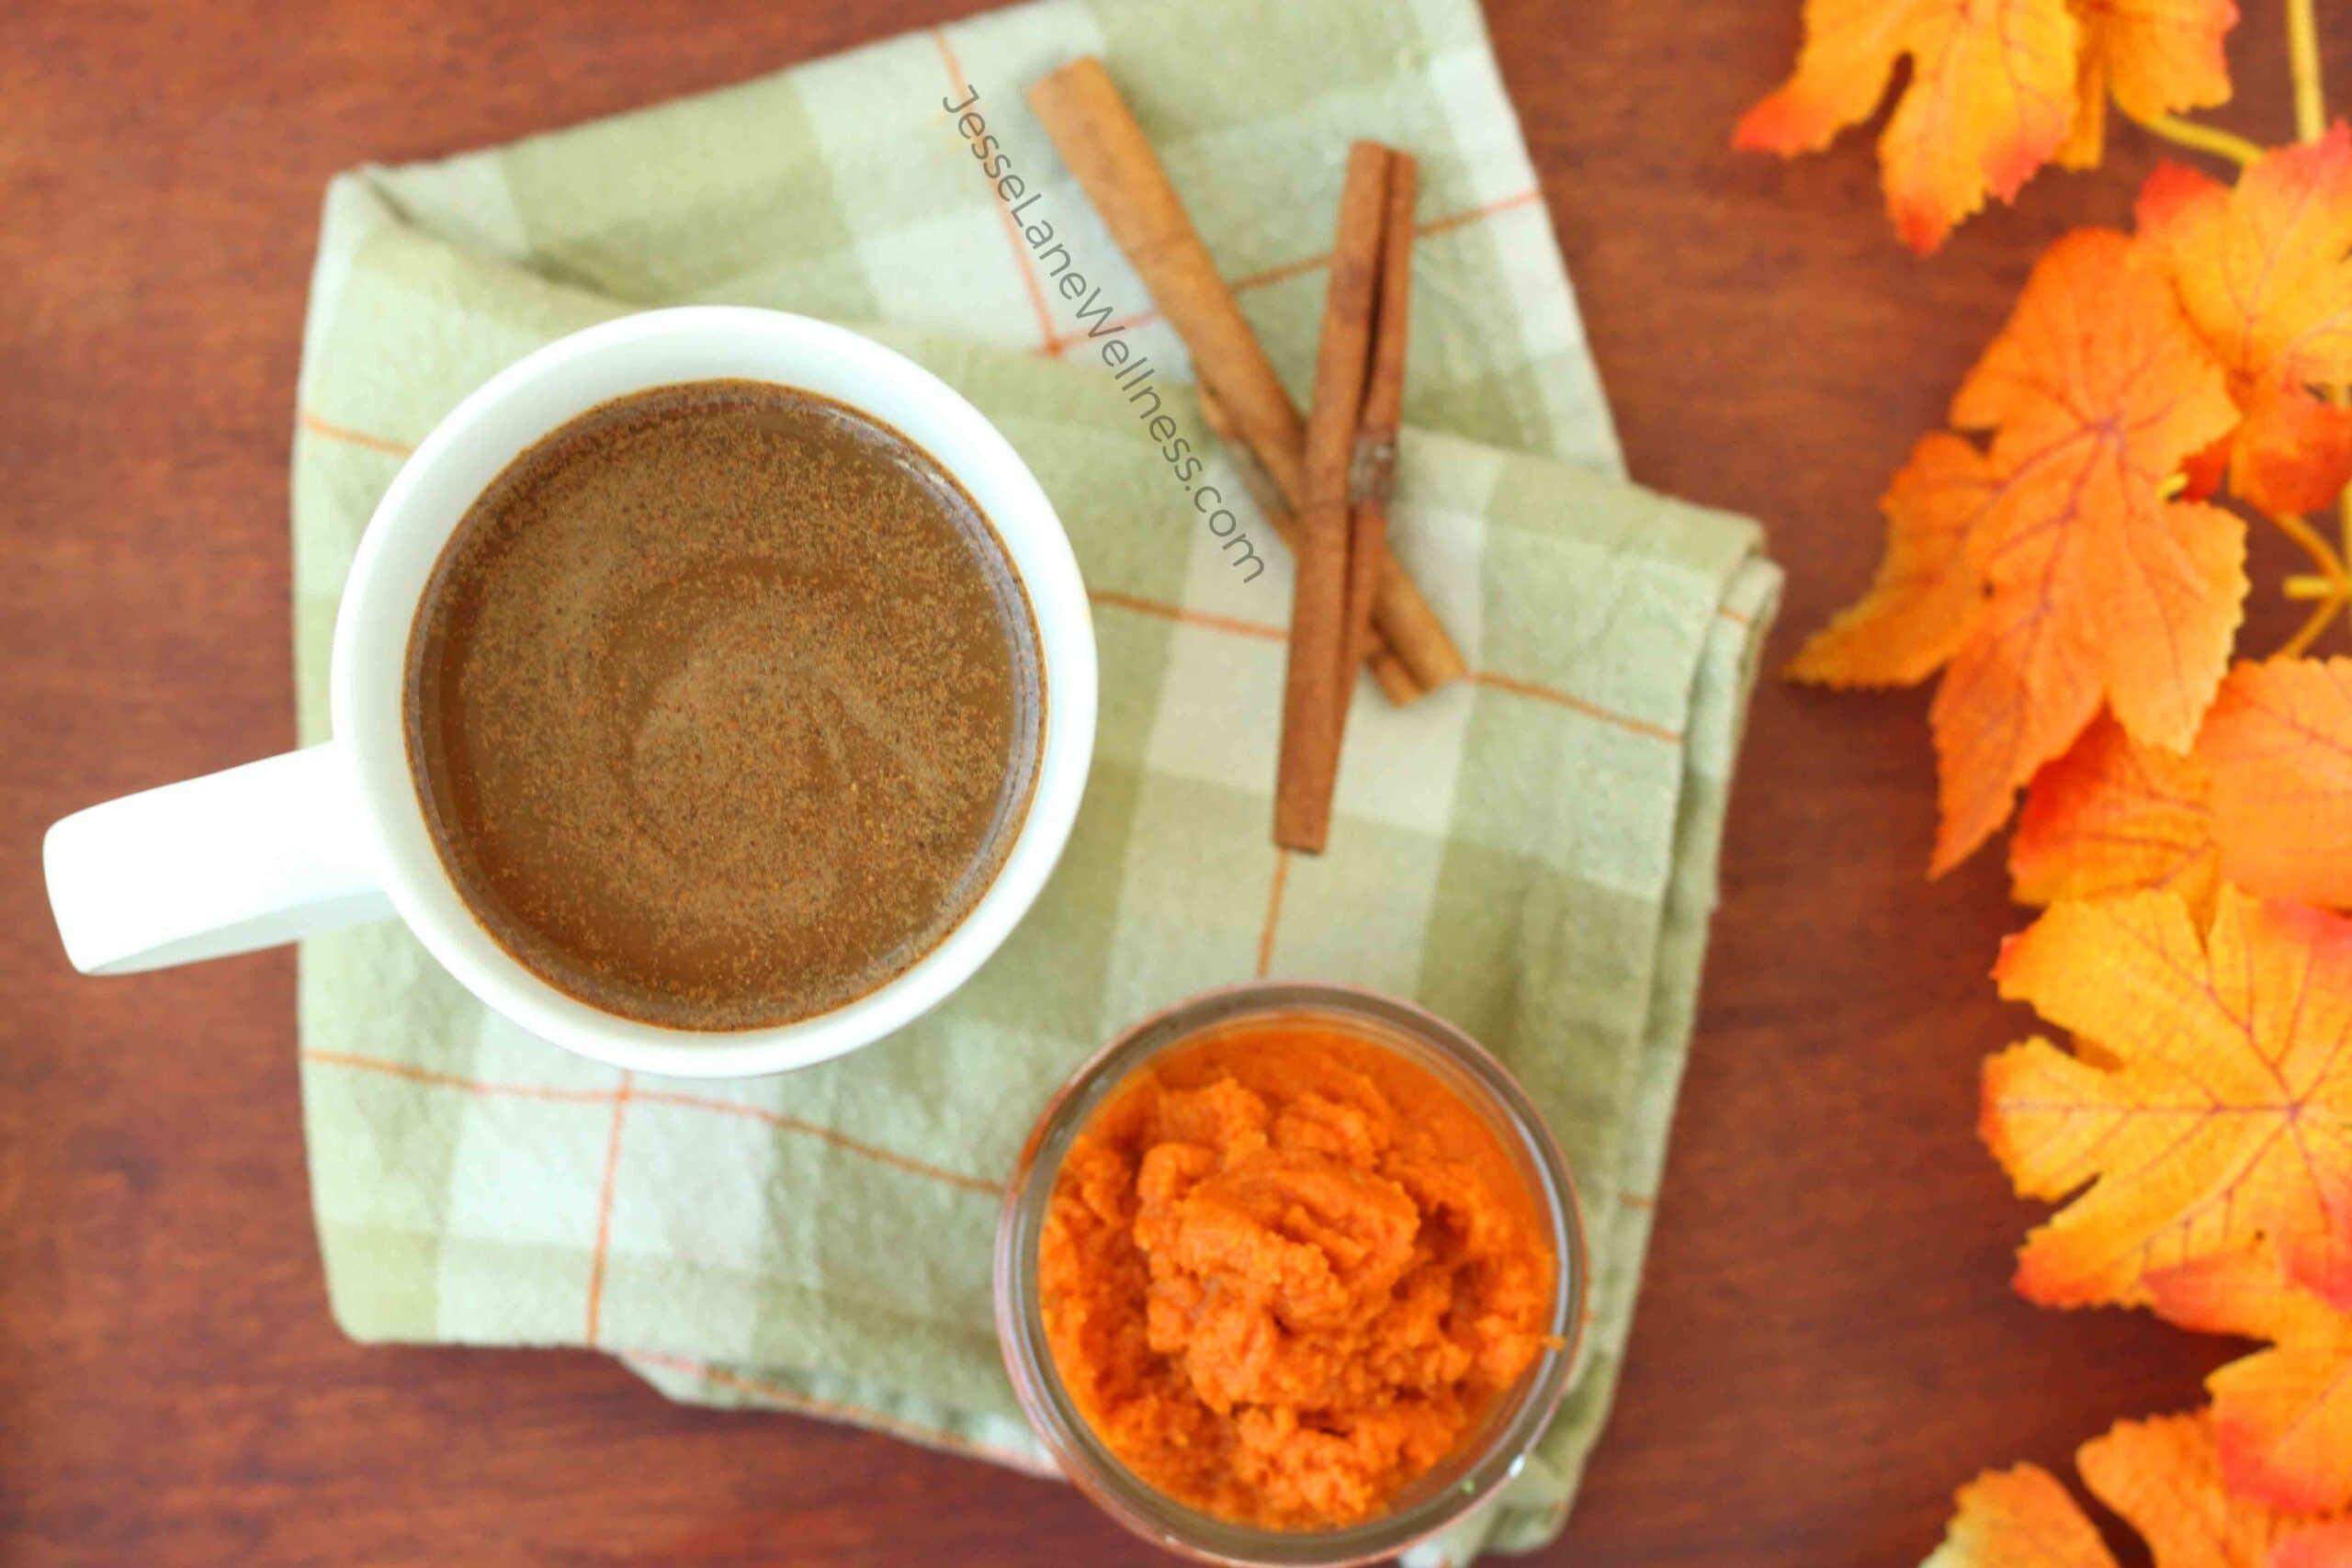 Healthy Pumpkin Spice Latte by @jesselwellness #psl #healthylatte